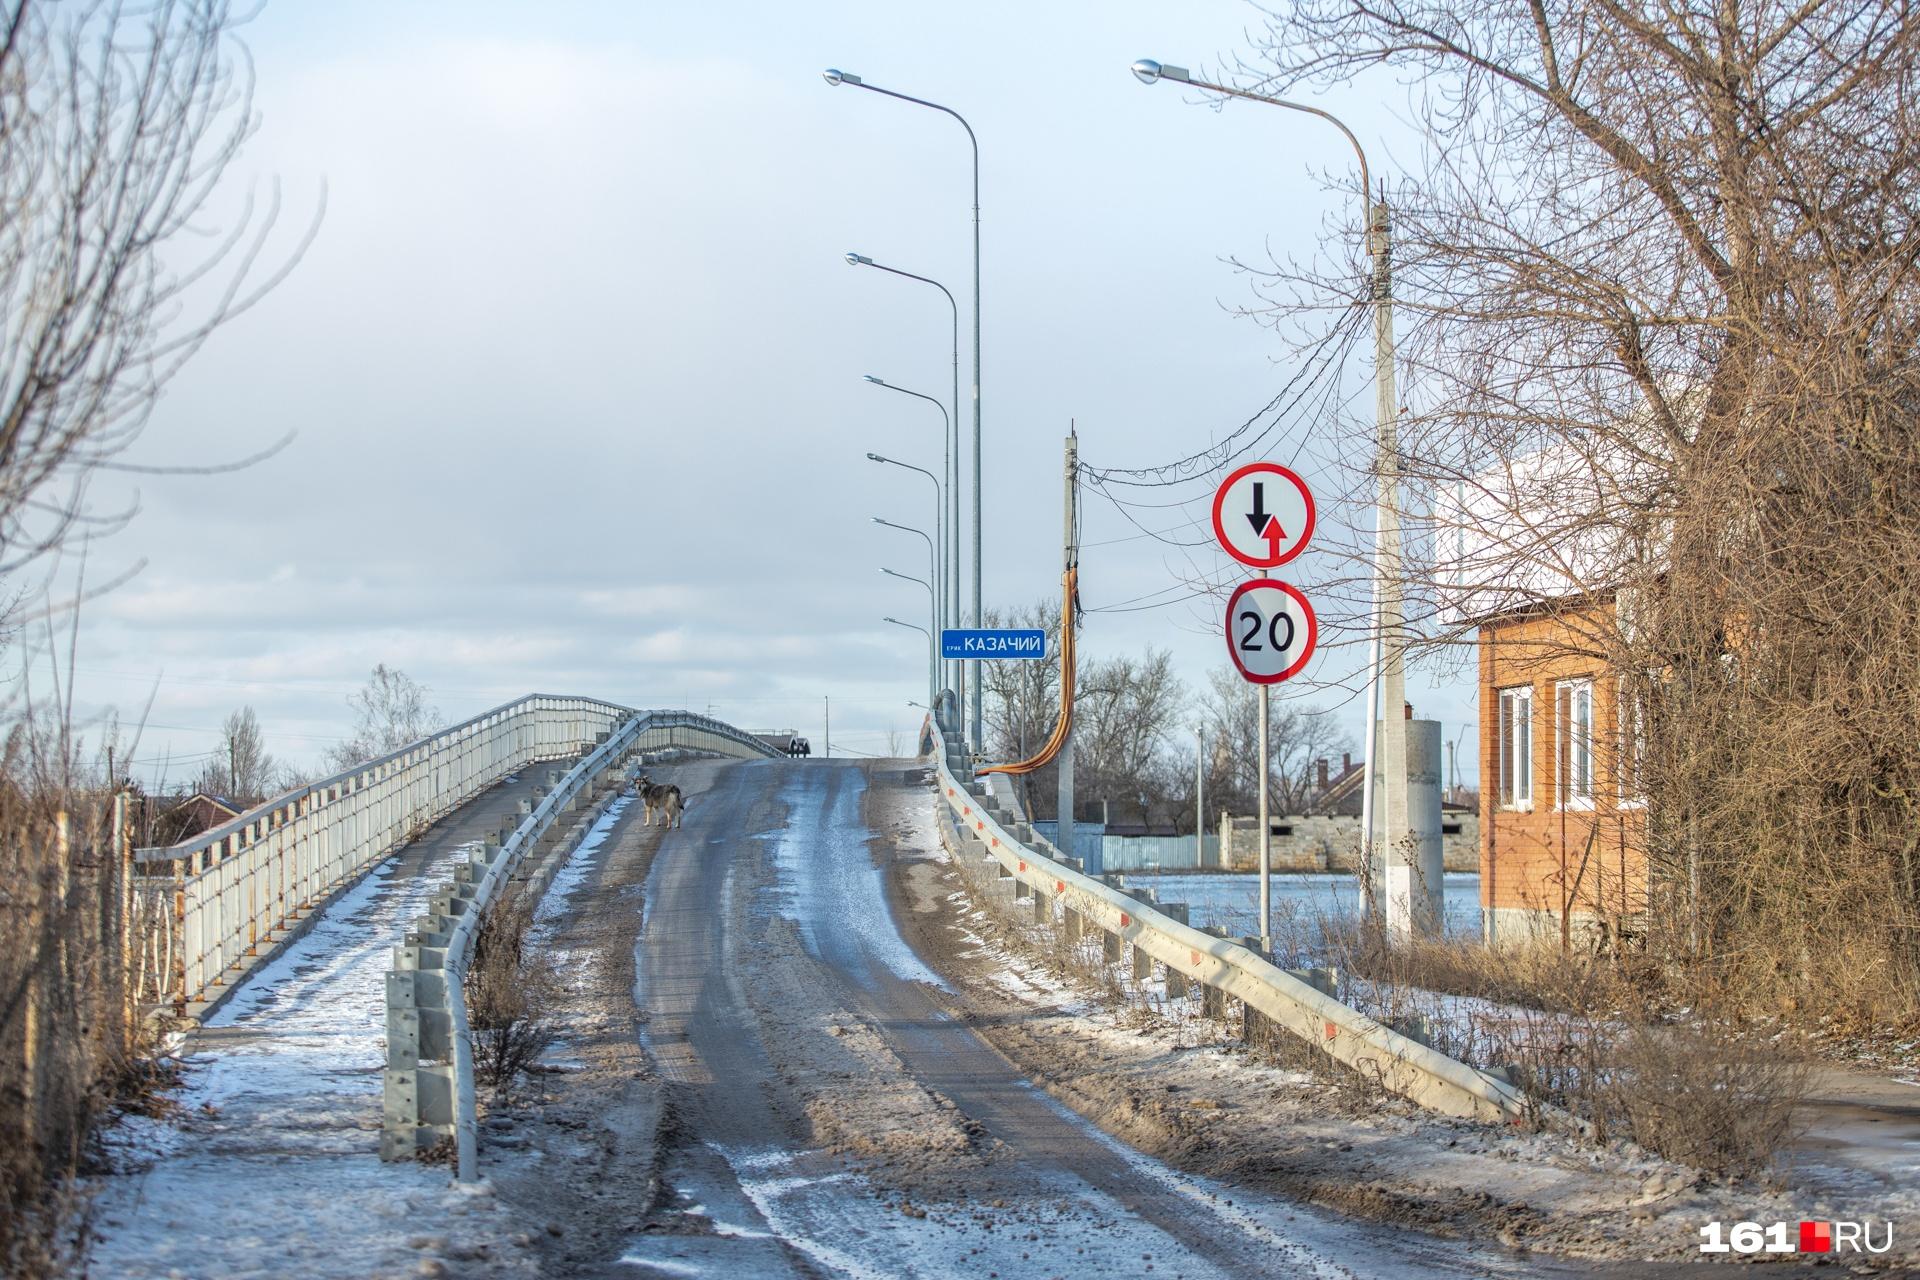 Раньше не было моста, на другой берег жители ходили по льду